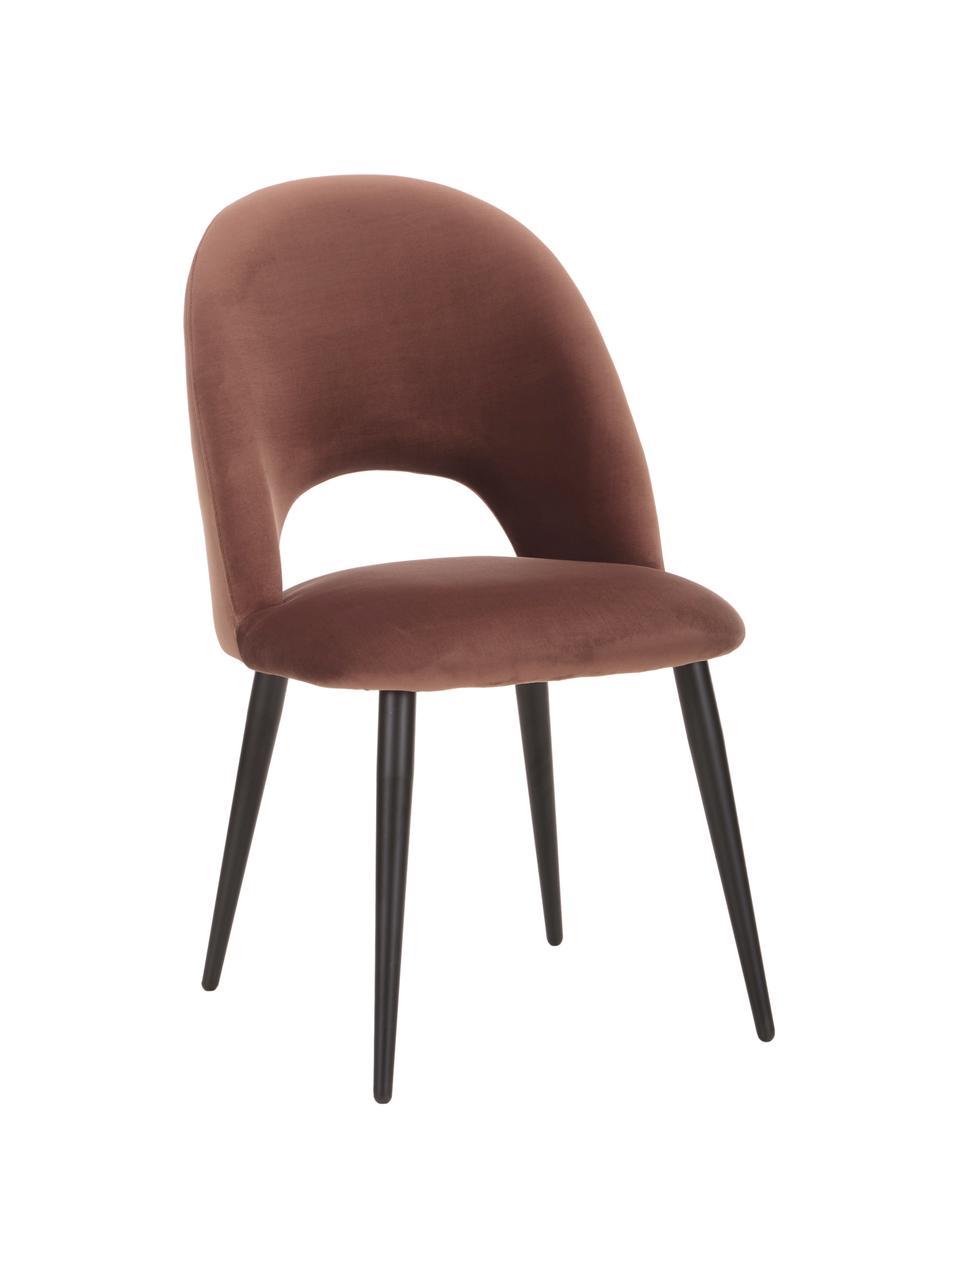 Chaise rembourrée velours brun Rachel, Velours brun